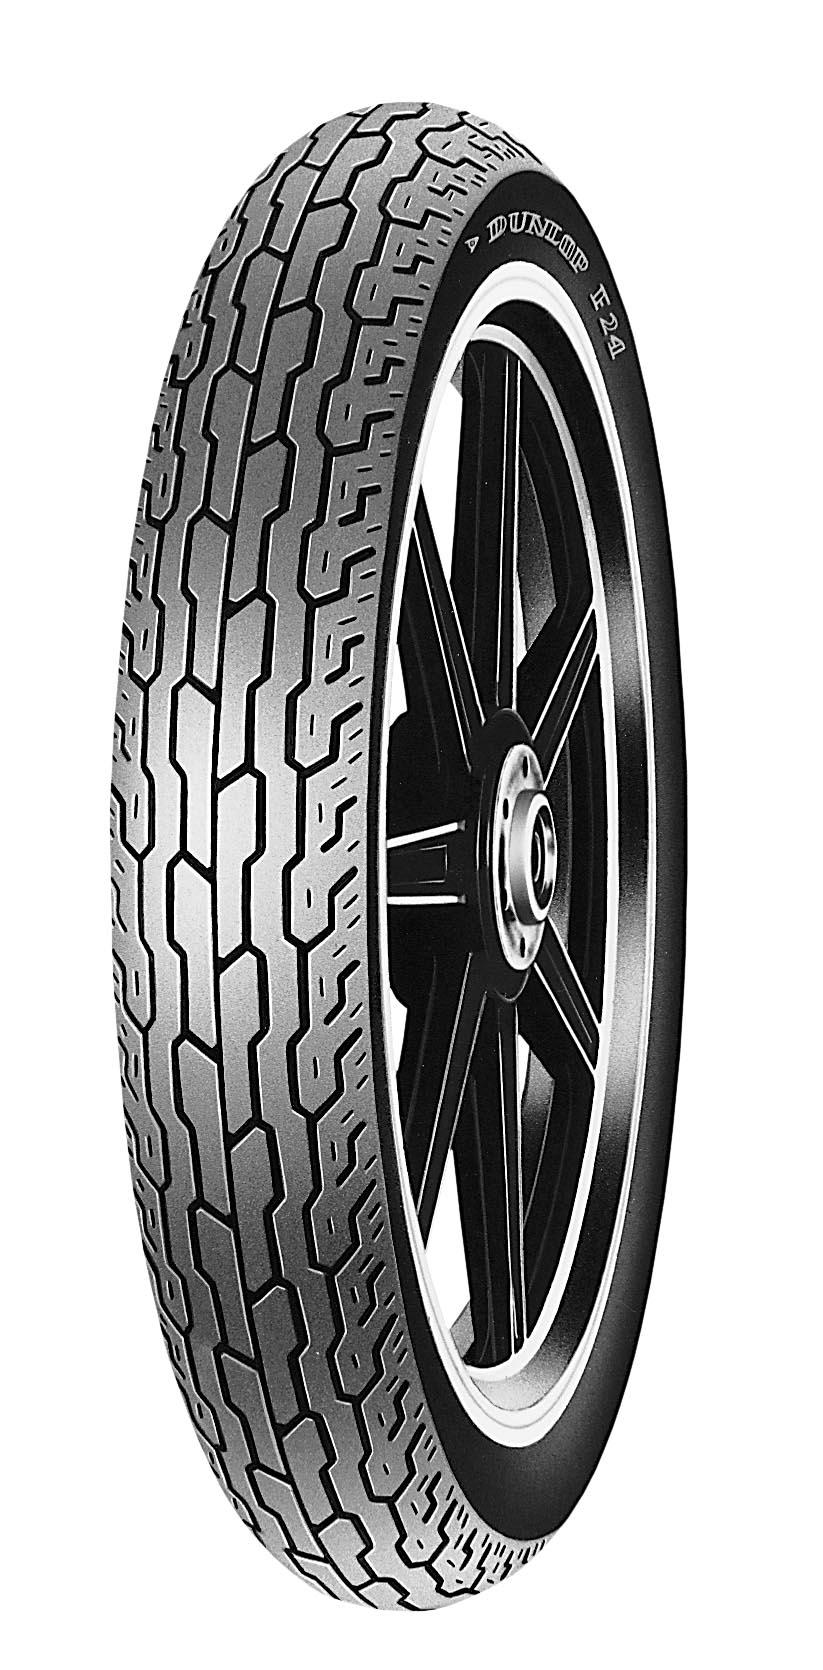 Dunlop F24 Tire